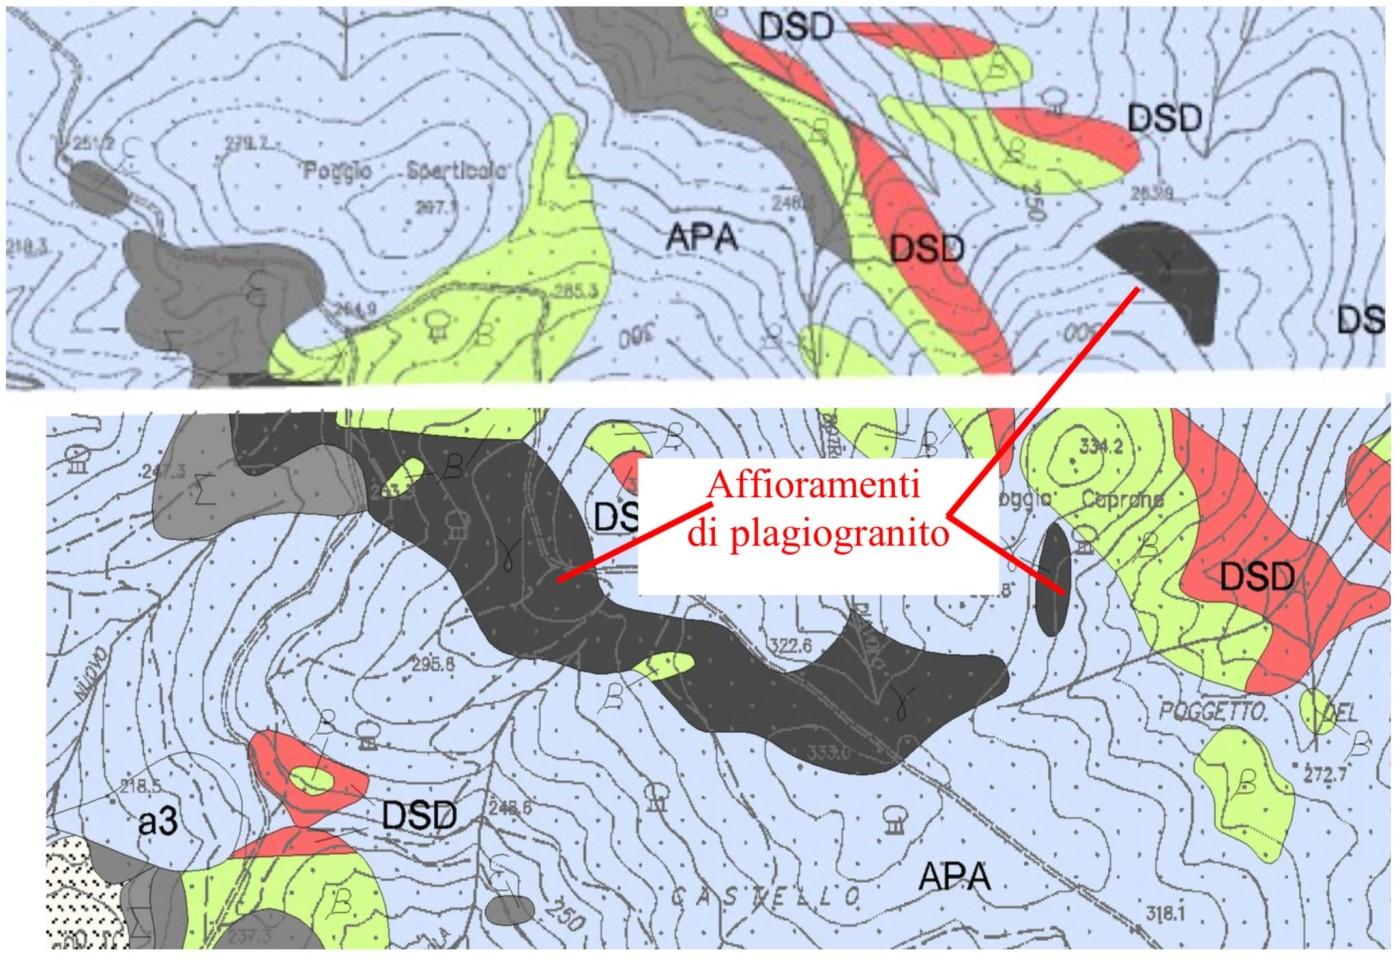 Fig. 6 -Stralcio della carta Geologica scala 1:10000 relativa all'area limitrofa di Poggio Caprone